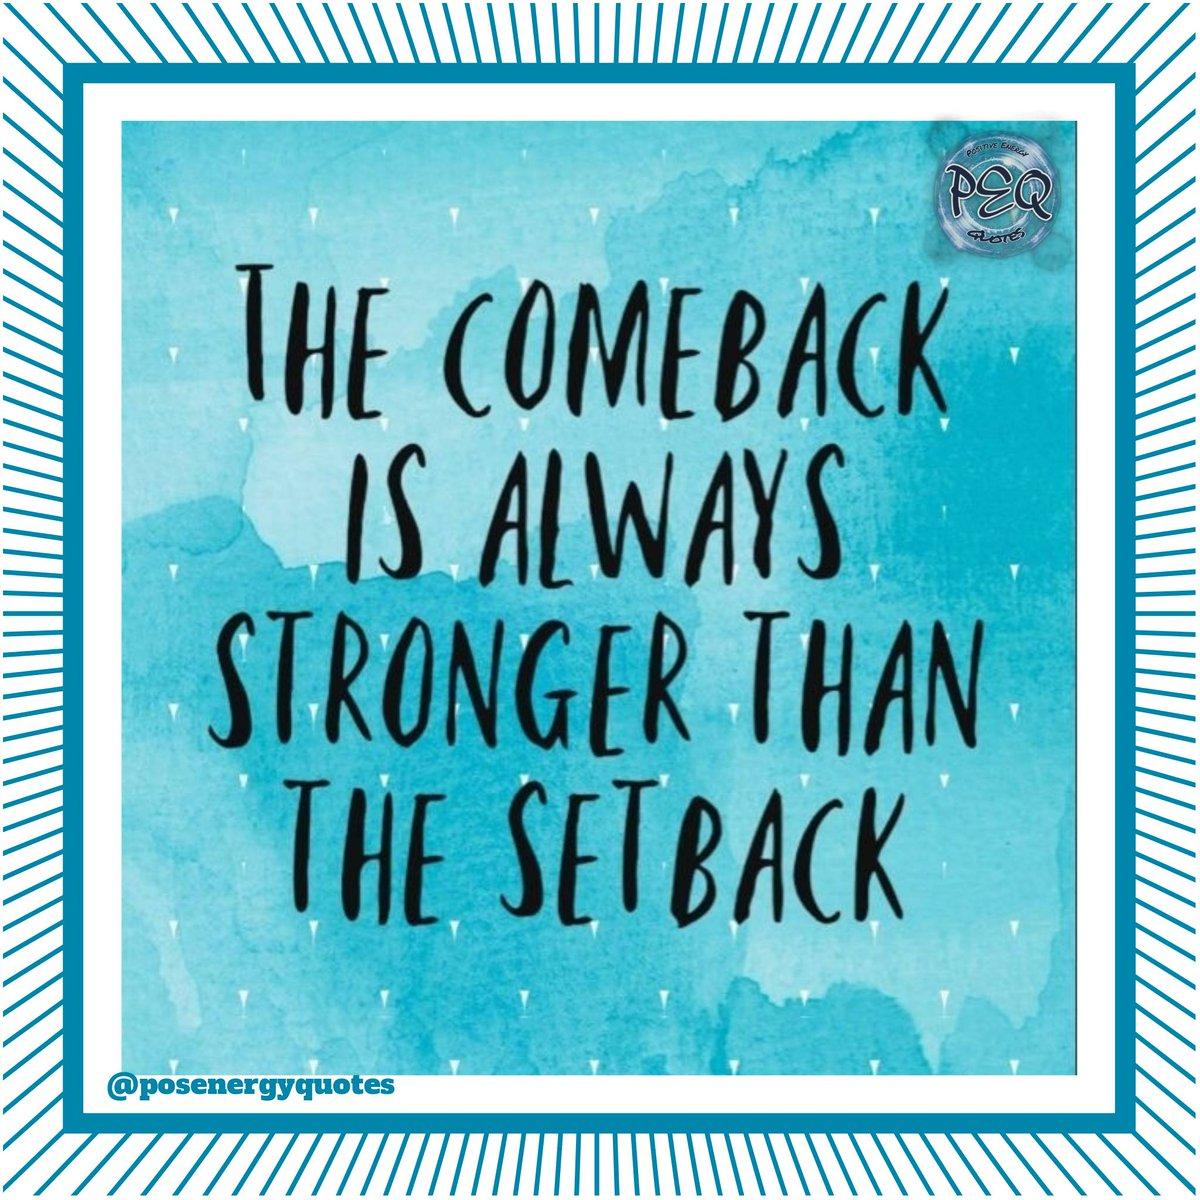 FOLLOW ➕⚡ @posenergyquotes ☮ #positivity #manifesting #positivevibe #motivationalquotes #personalgrowth #goodthoughts #goodvibes #positivemindset #positiveenergy #WeAreGDC #Mmemberville  #positiveenergyquotes